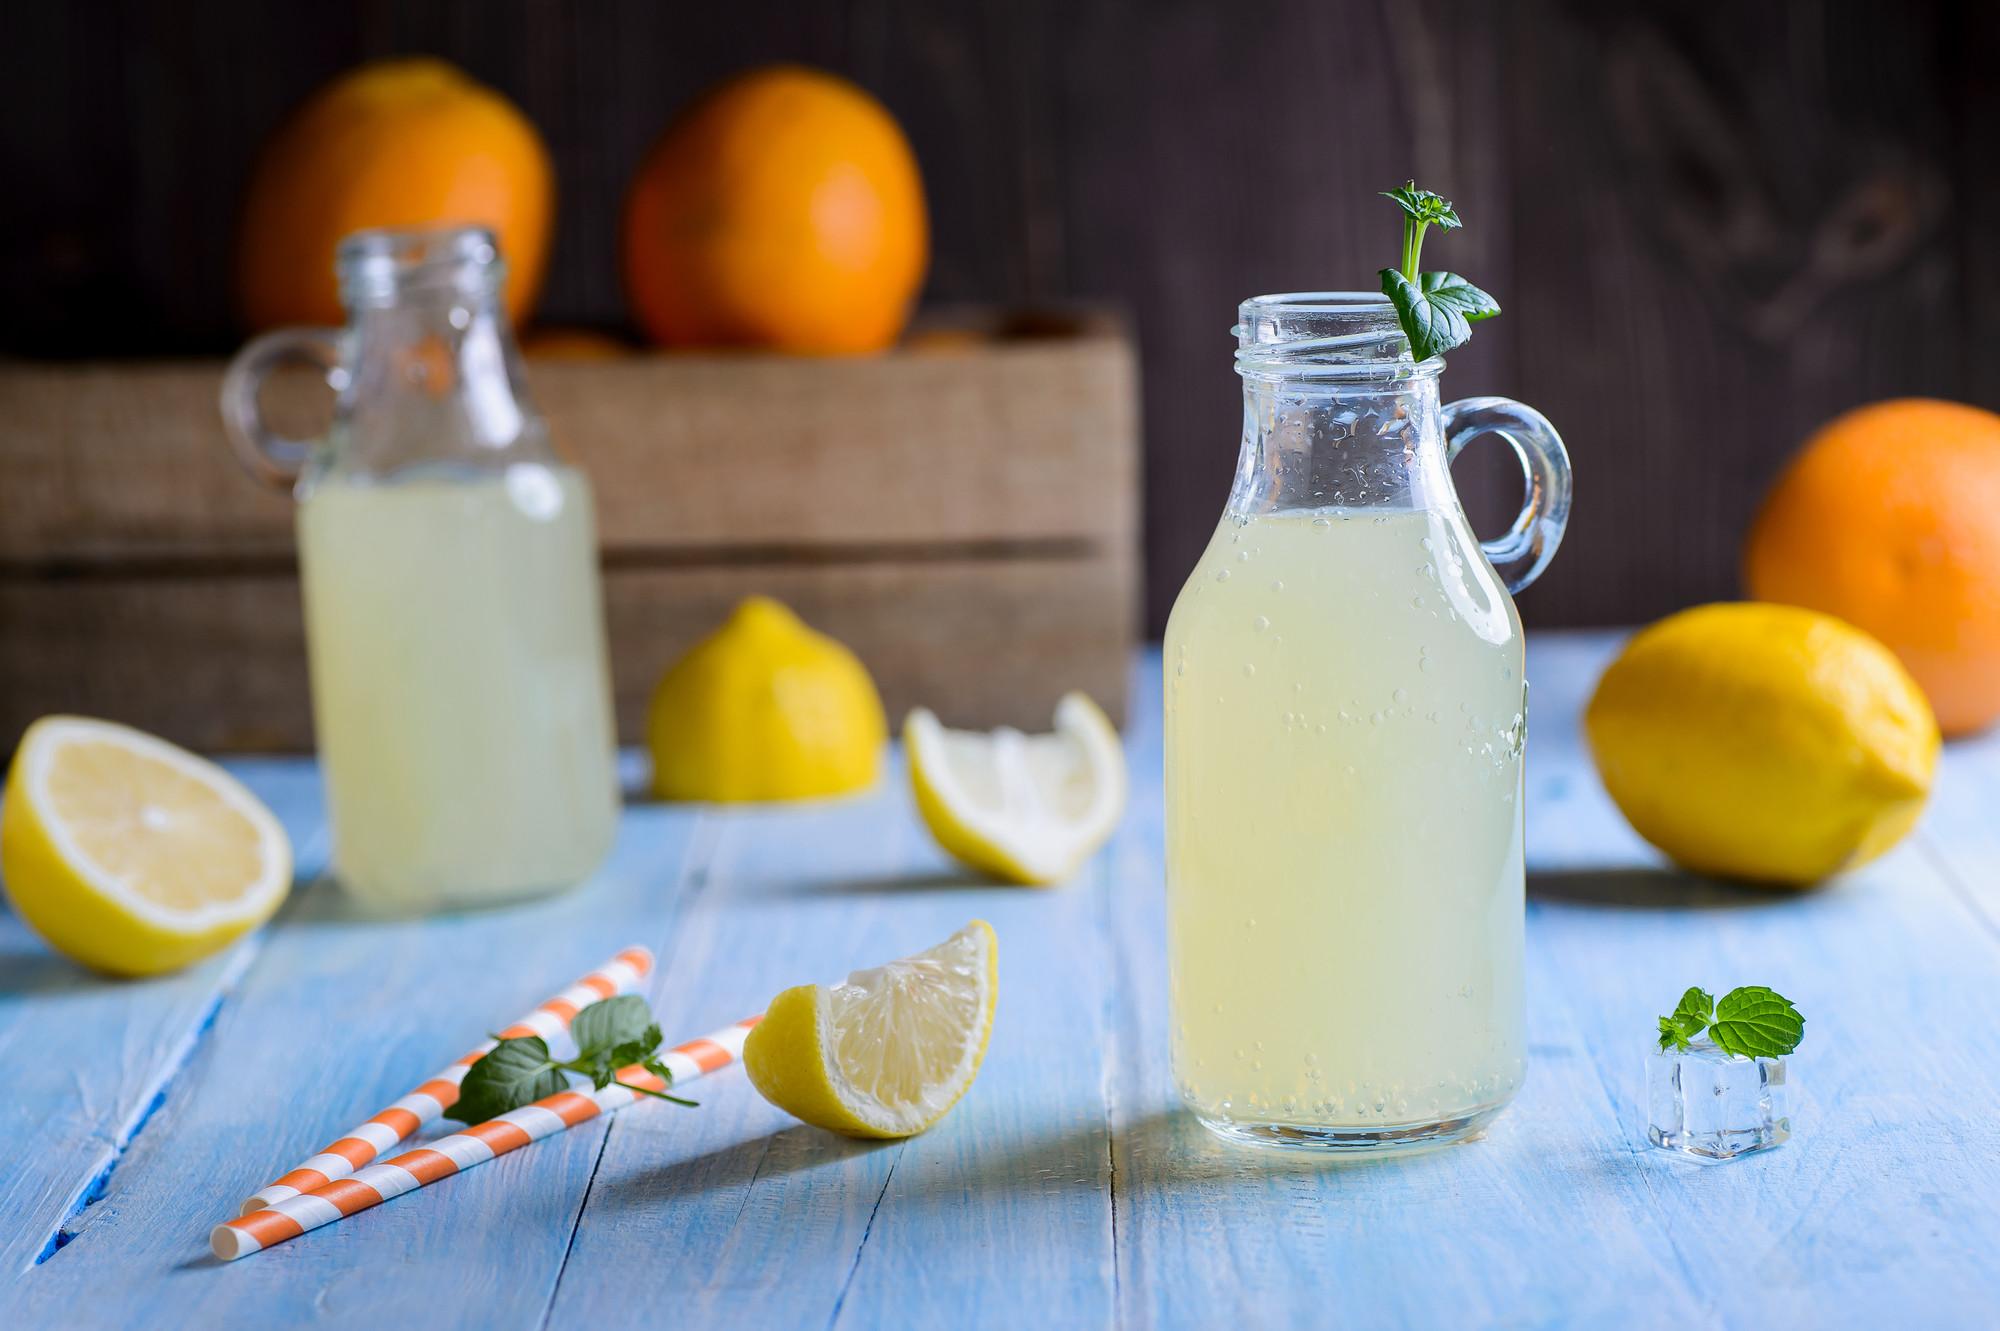 Вода с лимоном улучшает обмен веществ